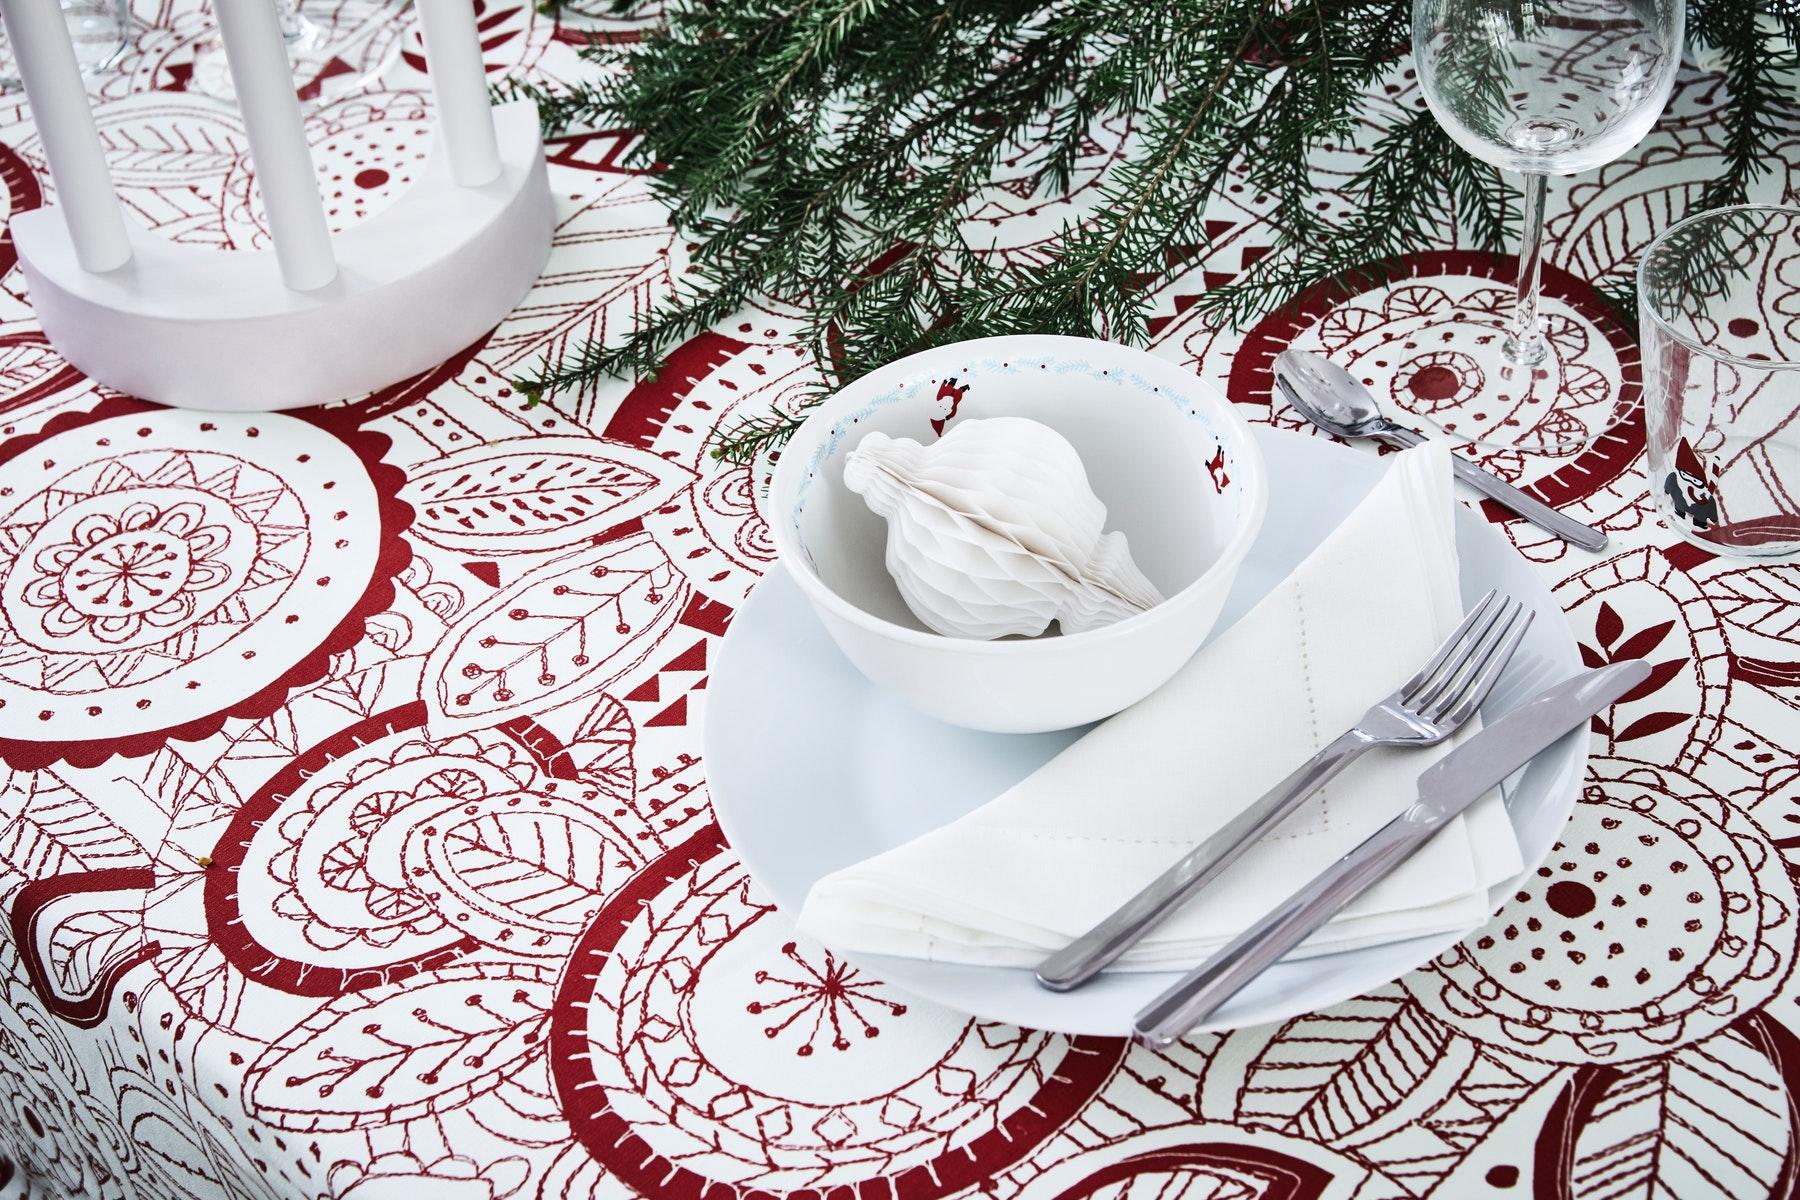 taplak meja natal ruang makan